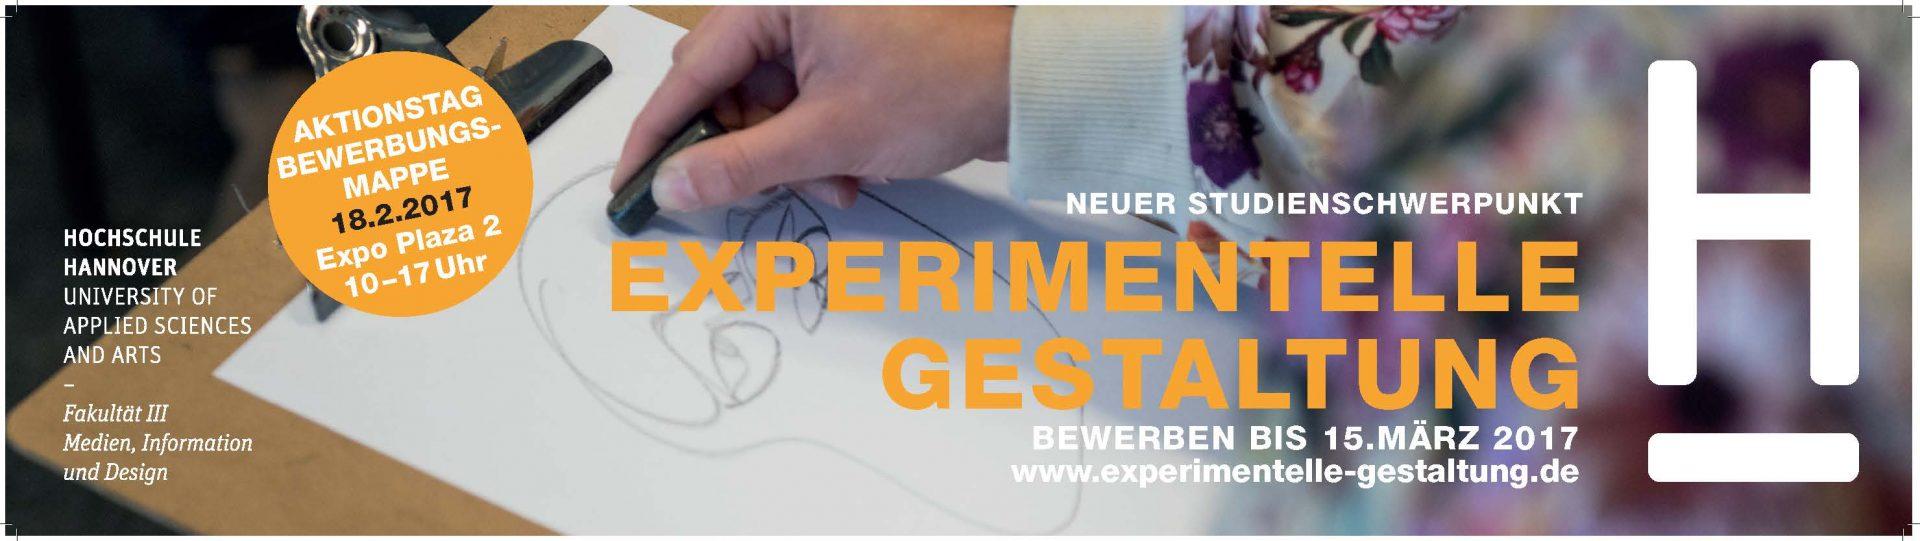 experimentellegestaltung_seite_3